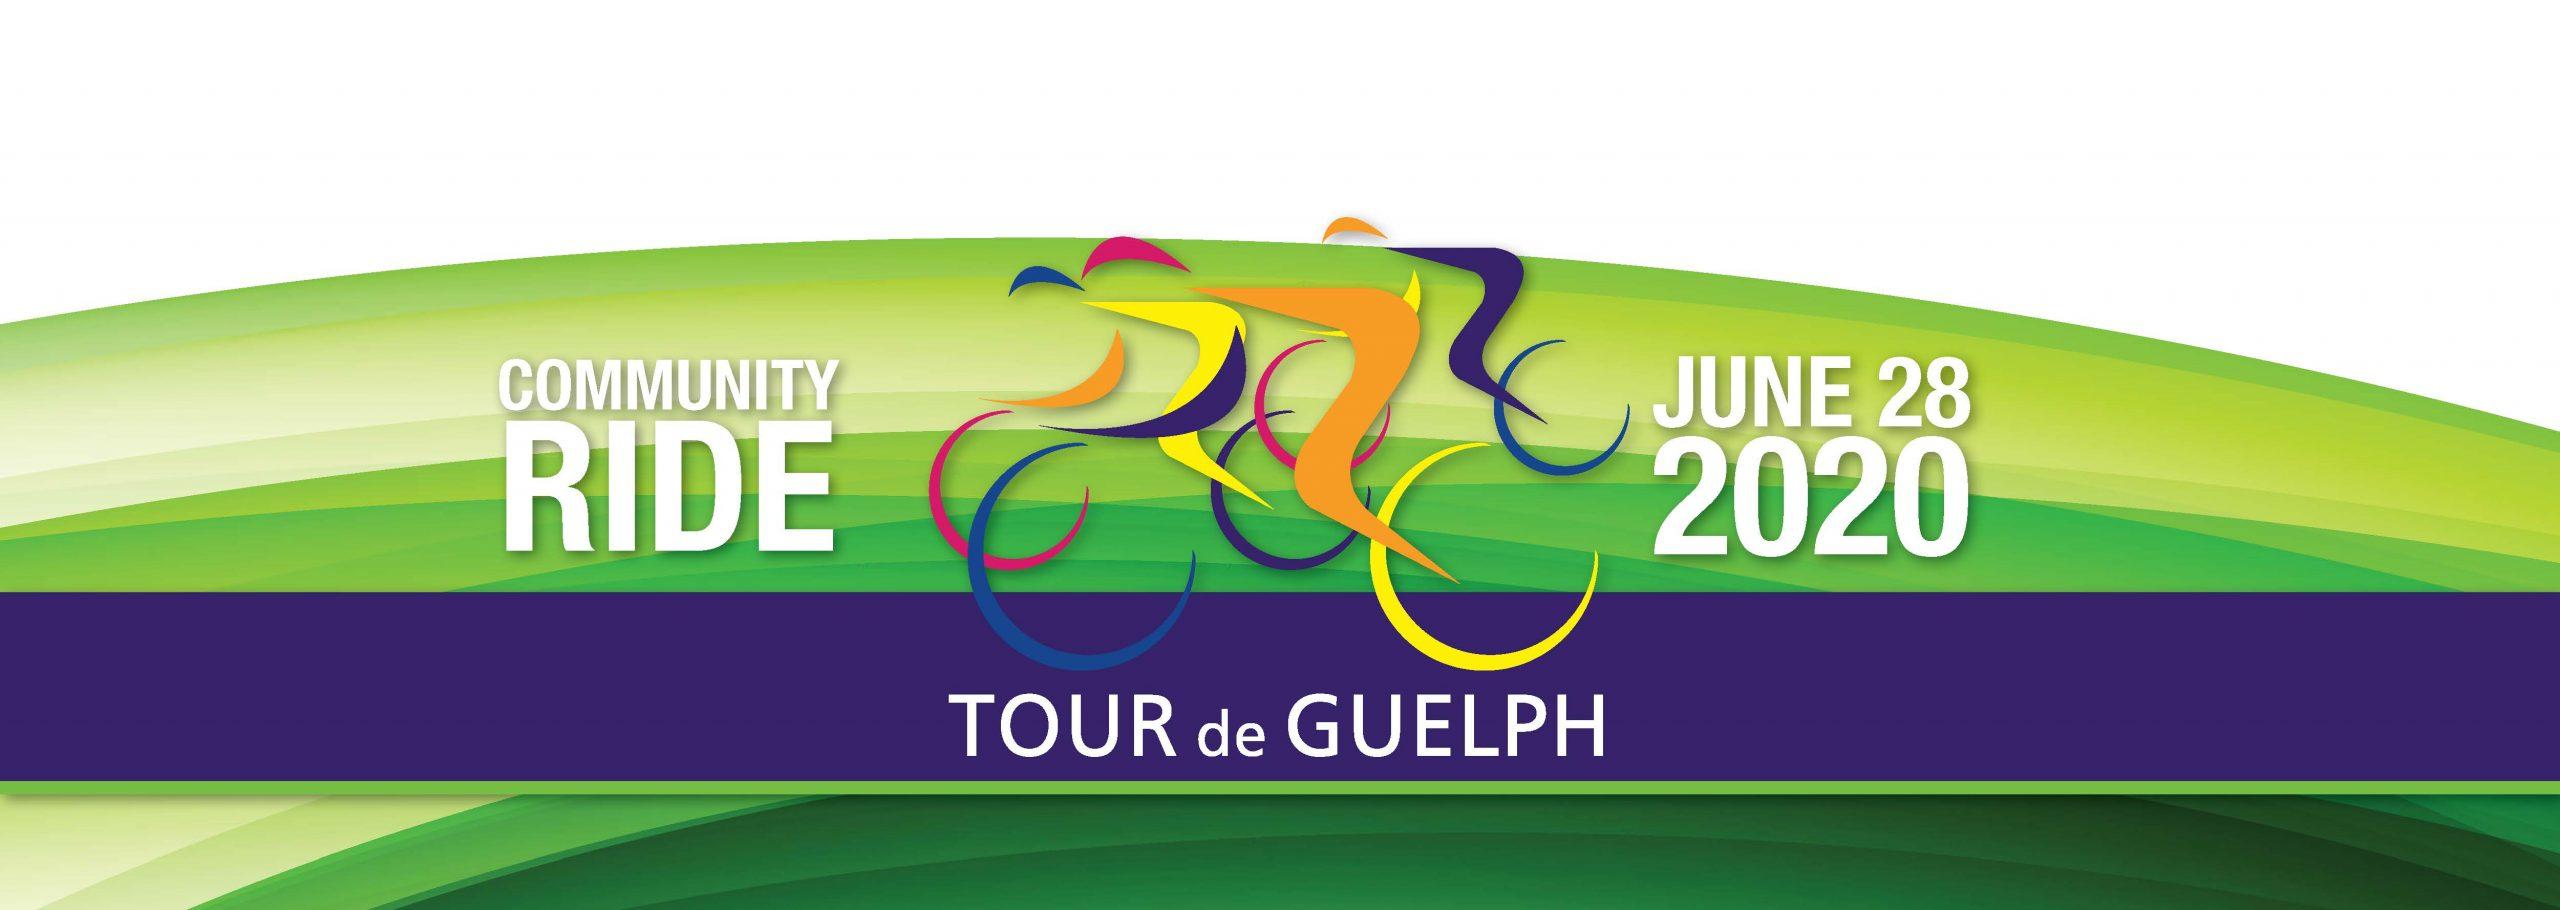 Tour de Guelph 2020